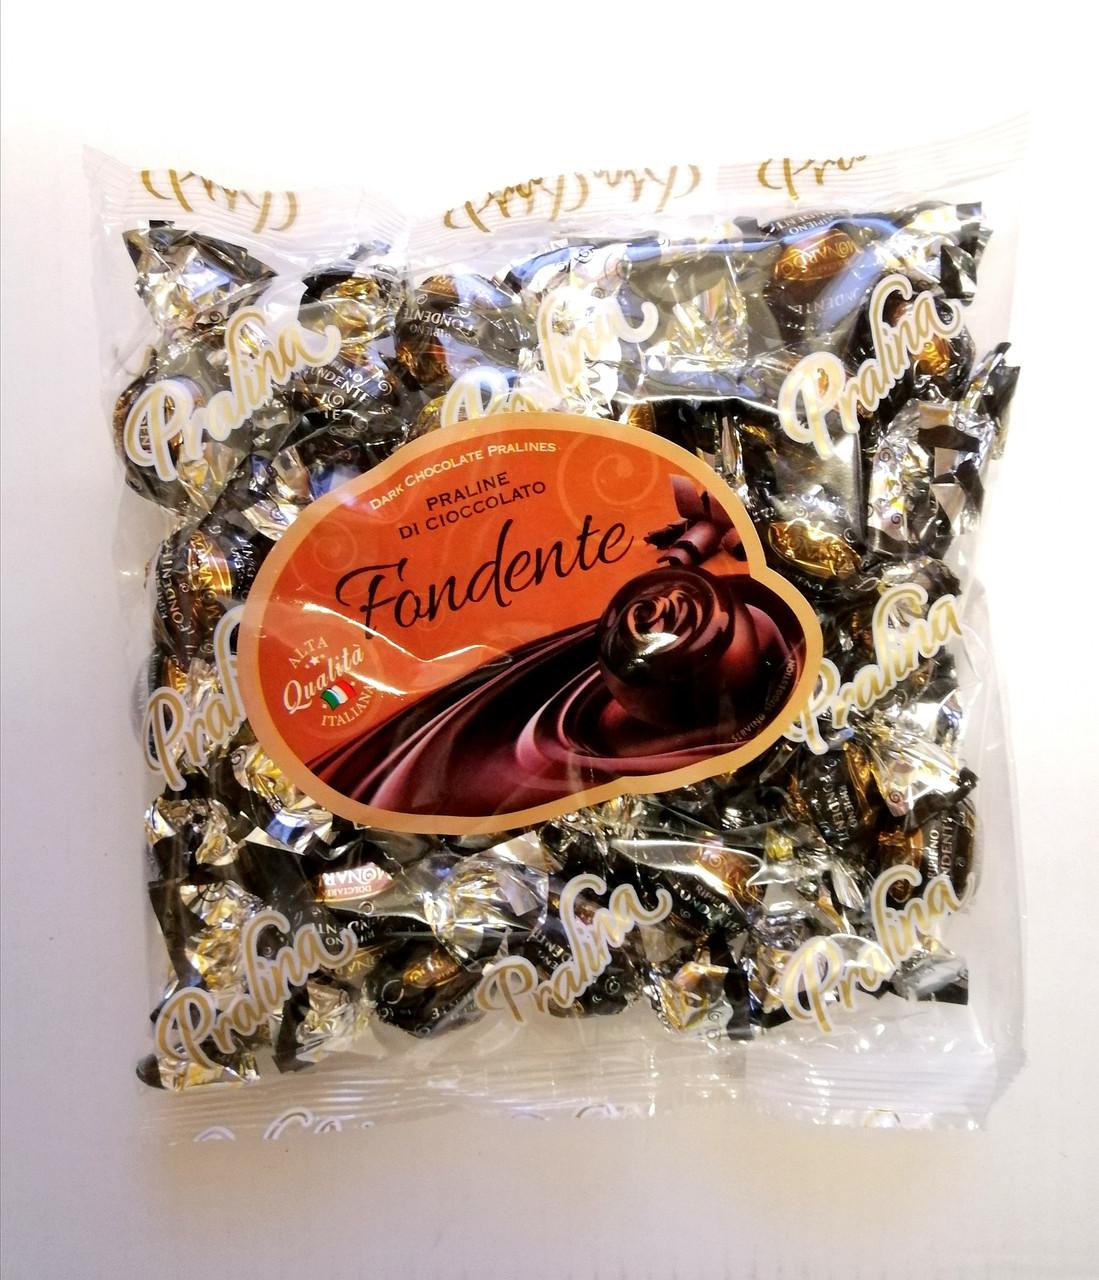 Шоколадные конфеты «Dolciaria Monardo Pralines» Fondente с пралине 450 грамм, Италия